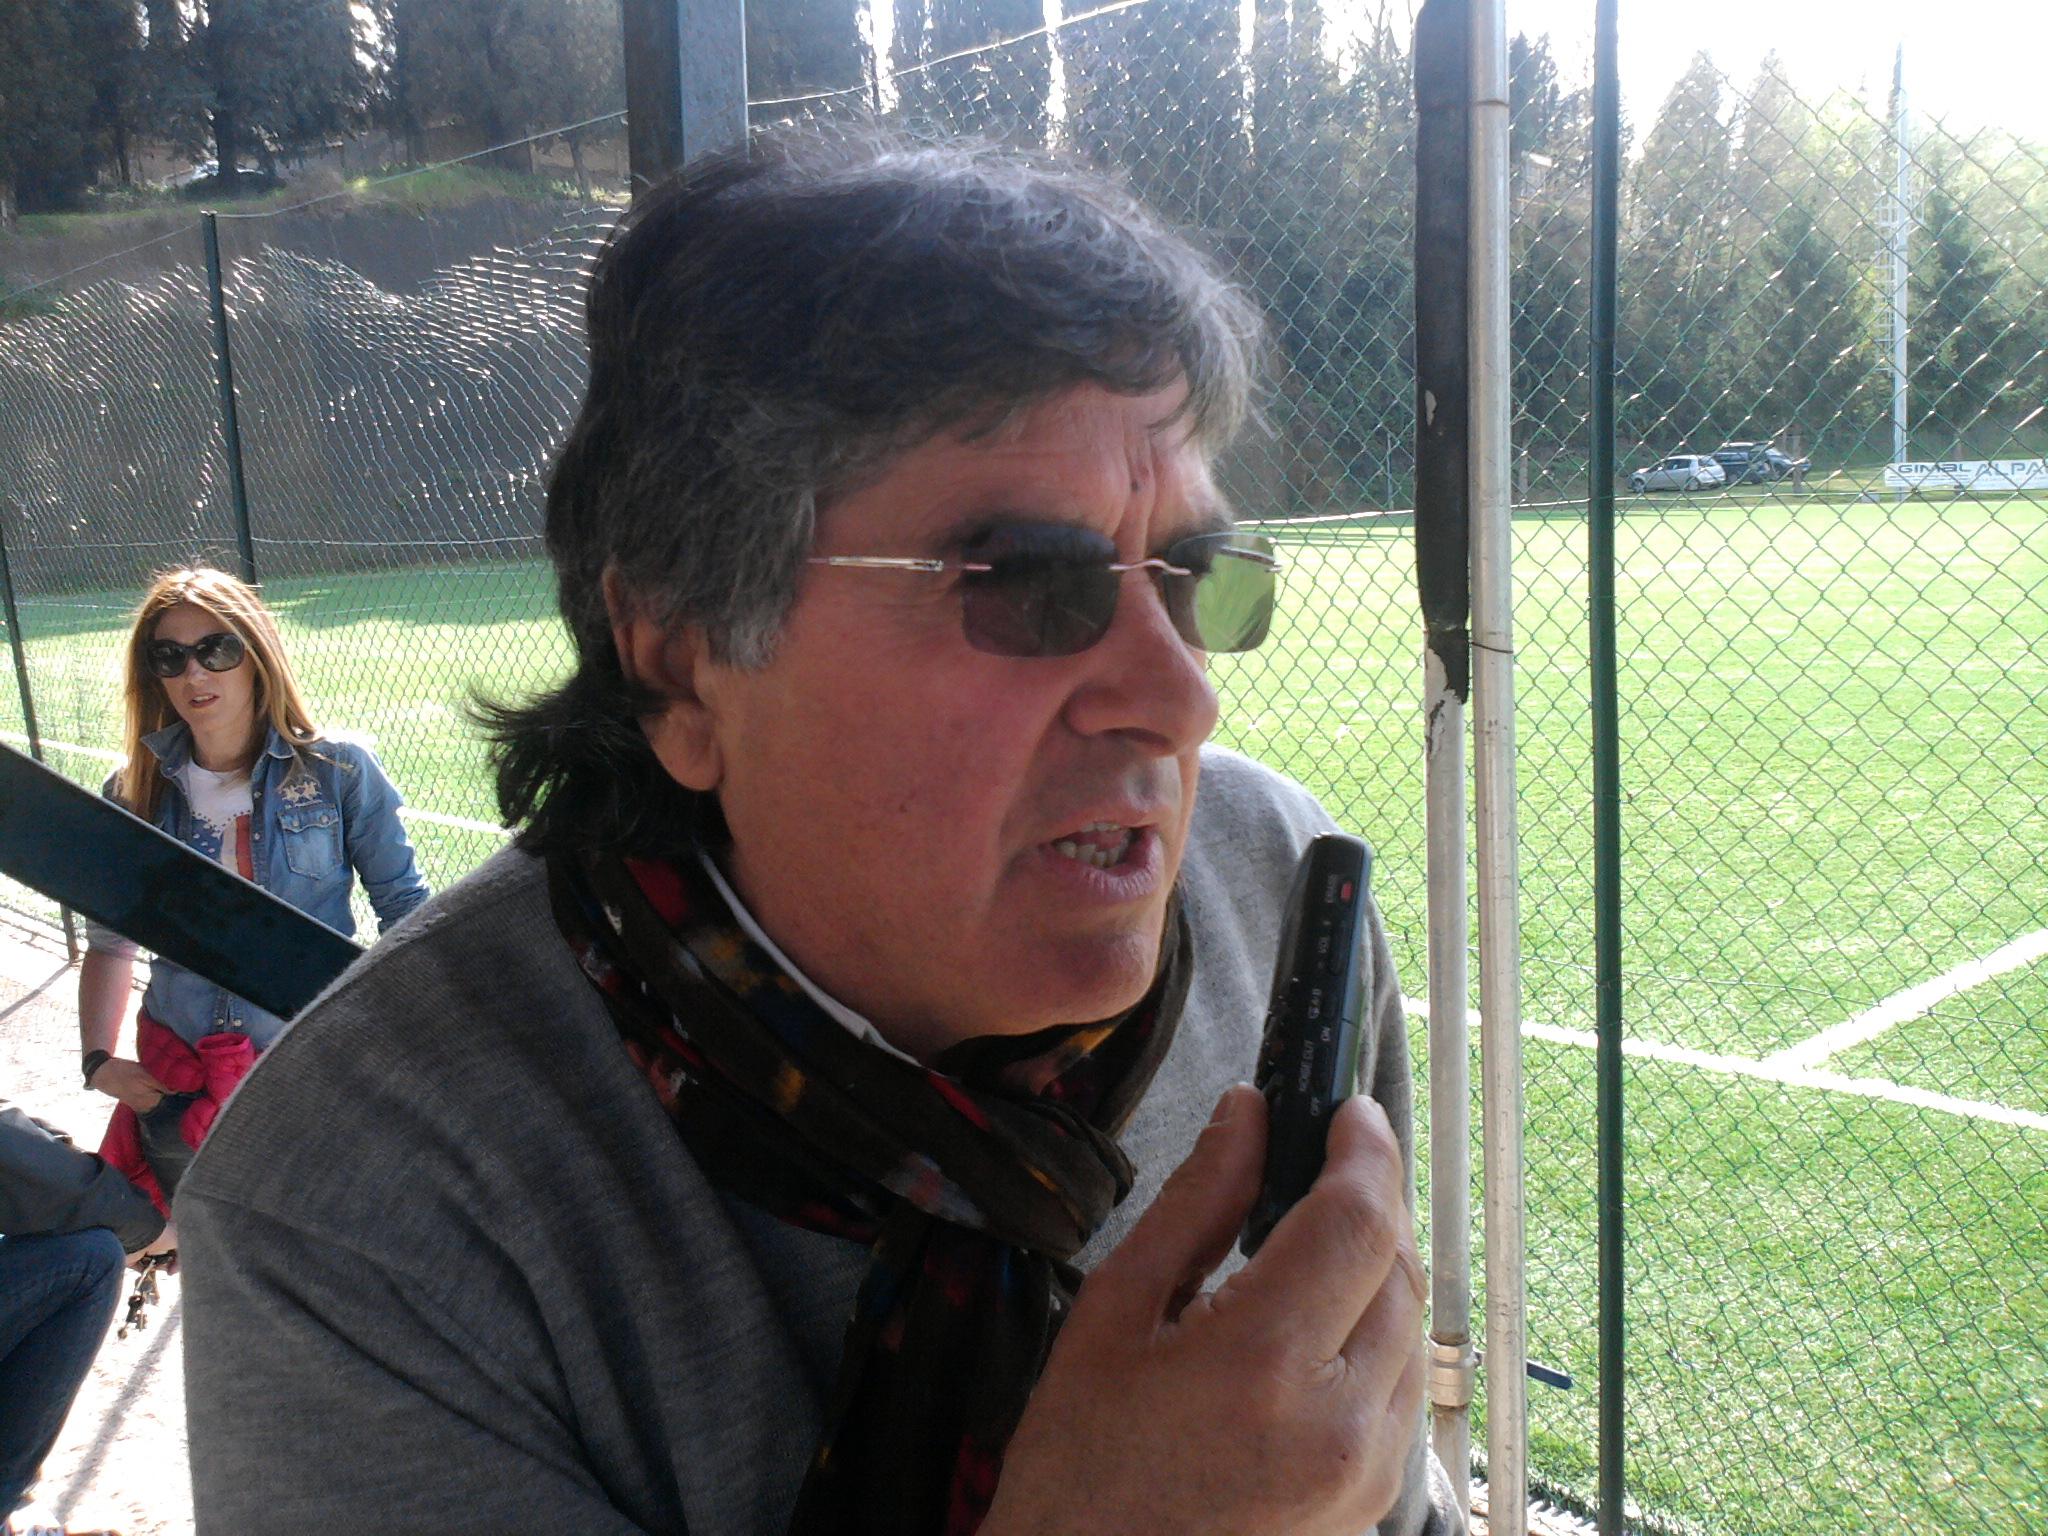 ARMENI DURANTE L'INTERVISTA